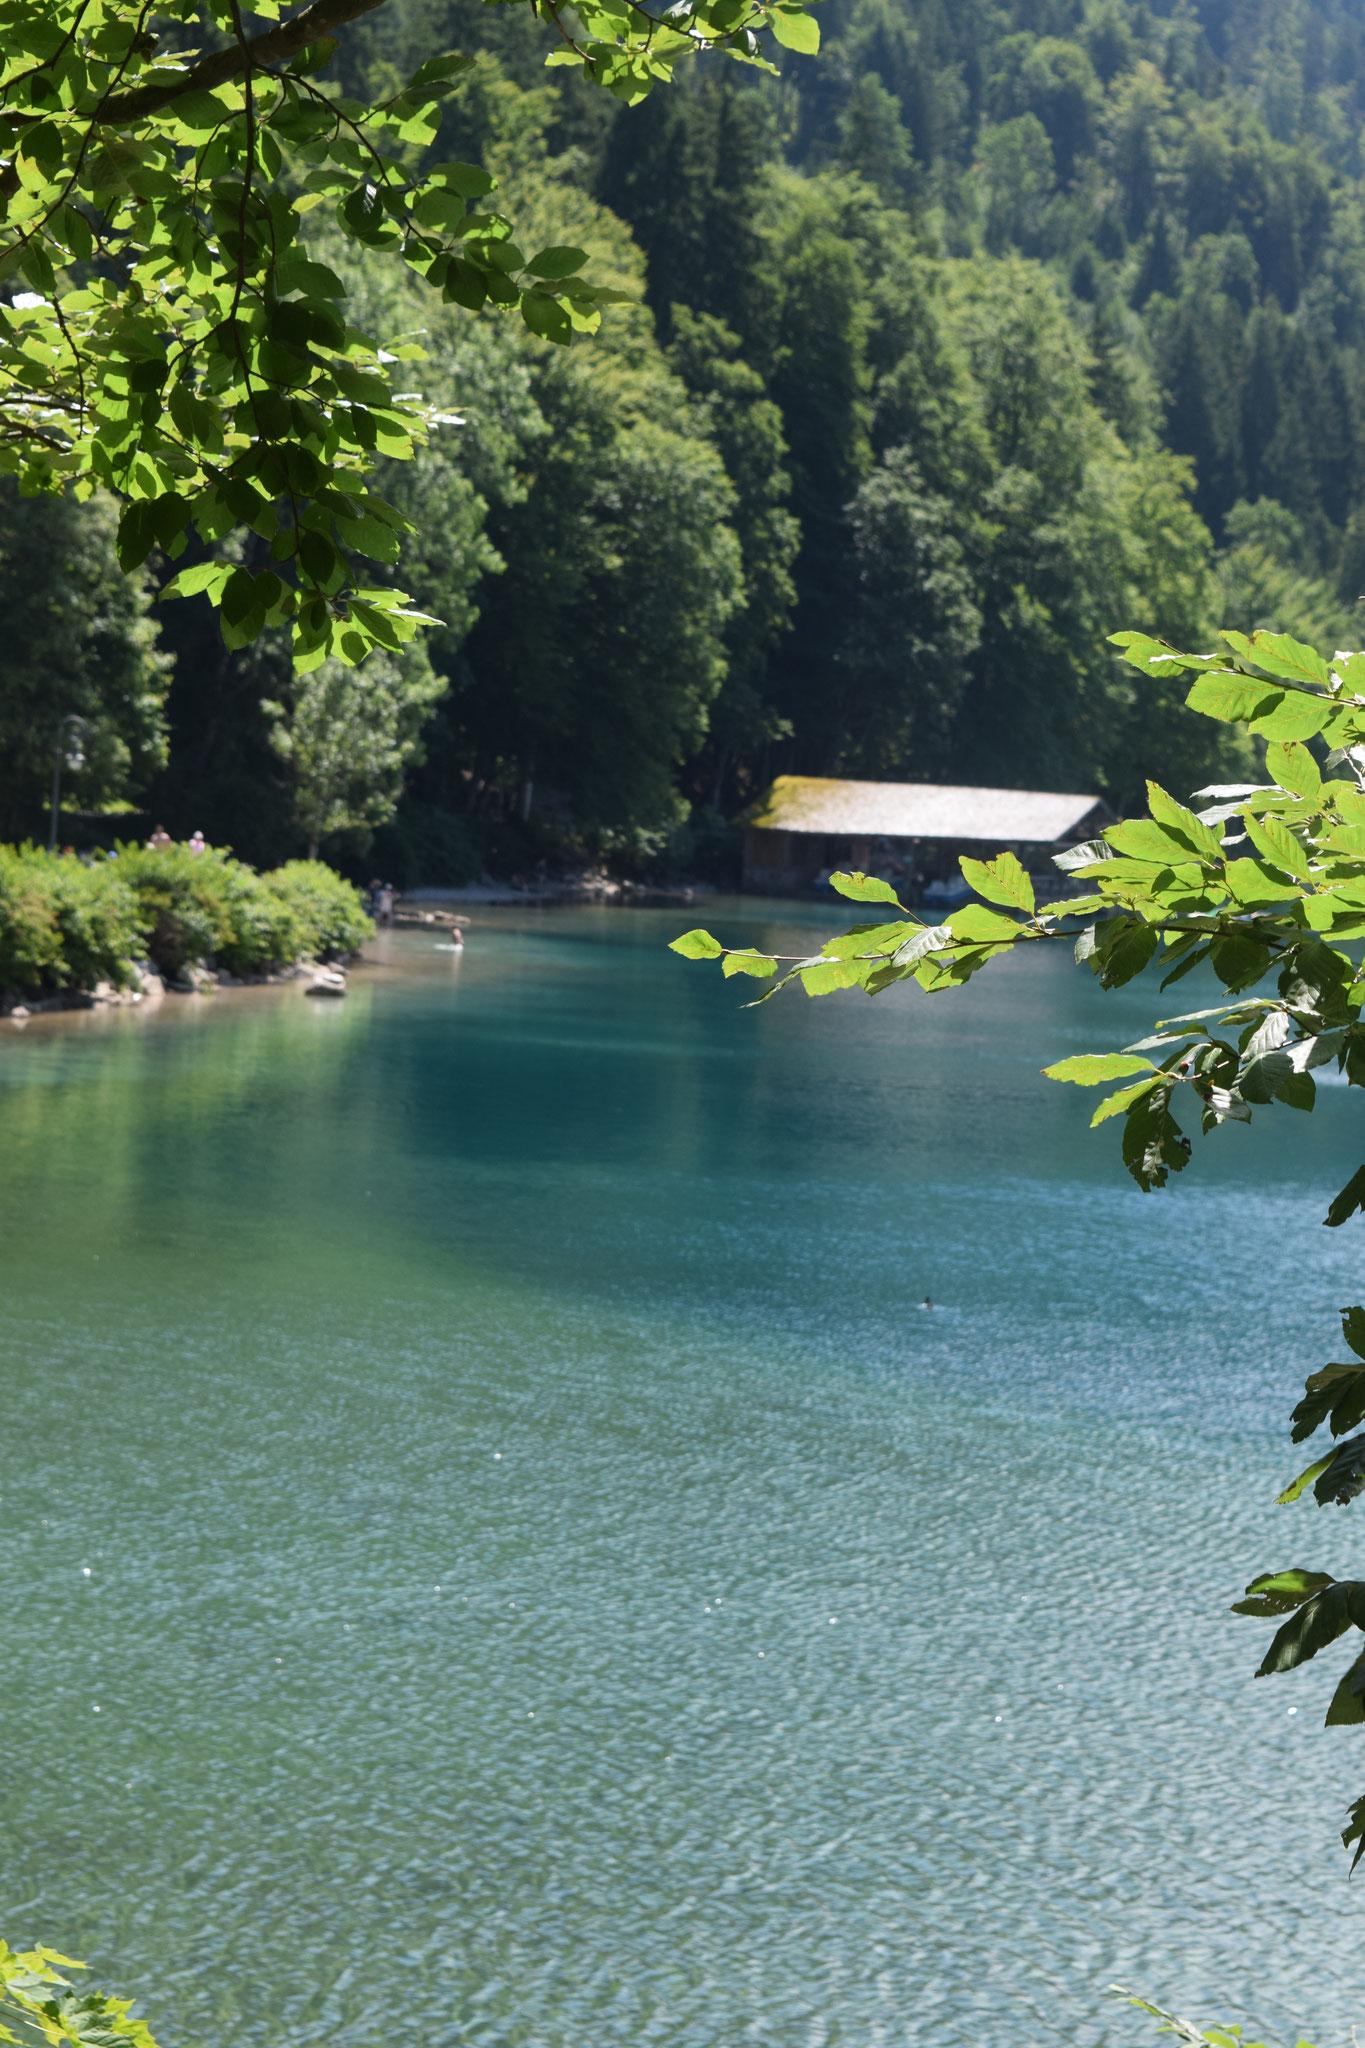 Meine Sommerferien im Allgäu. Mit Badespaß, Bergwanderungen, Schloss Neuschwanstein und den Alpsee.